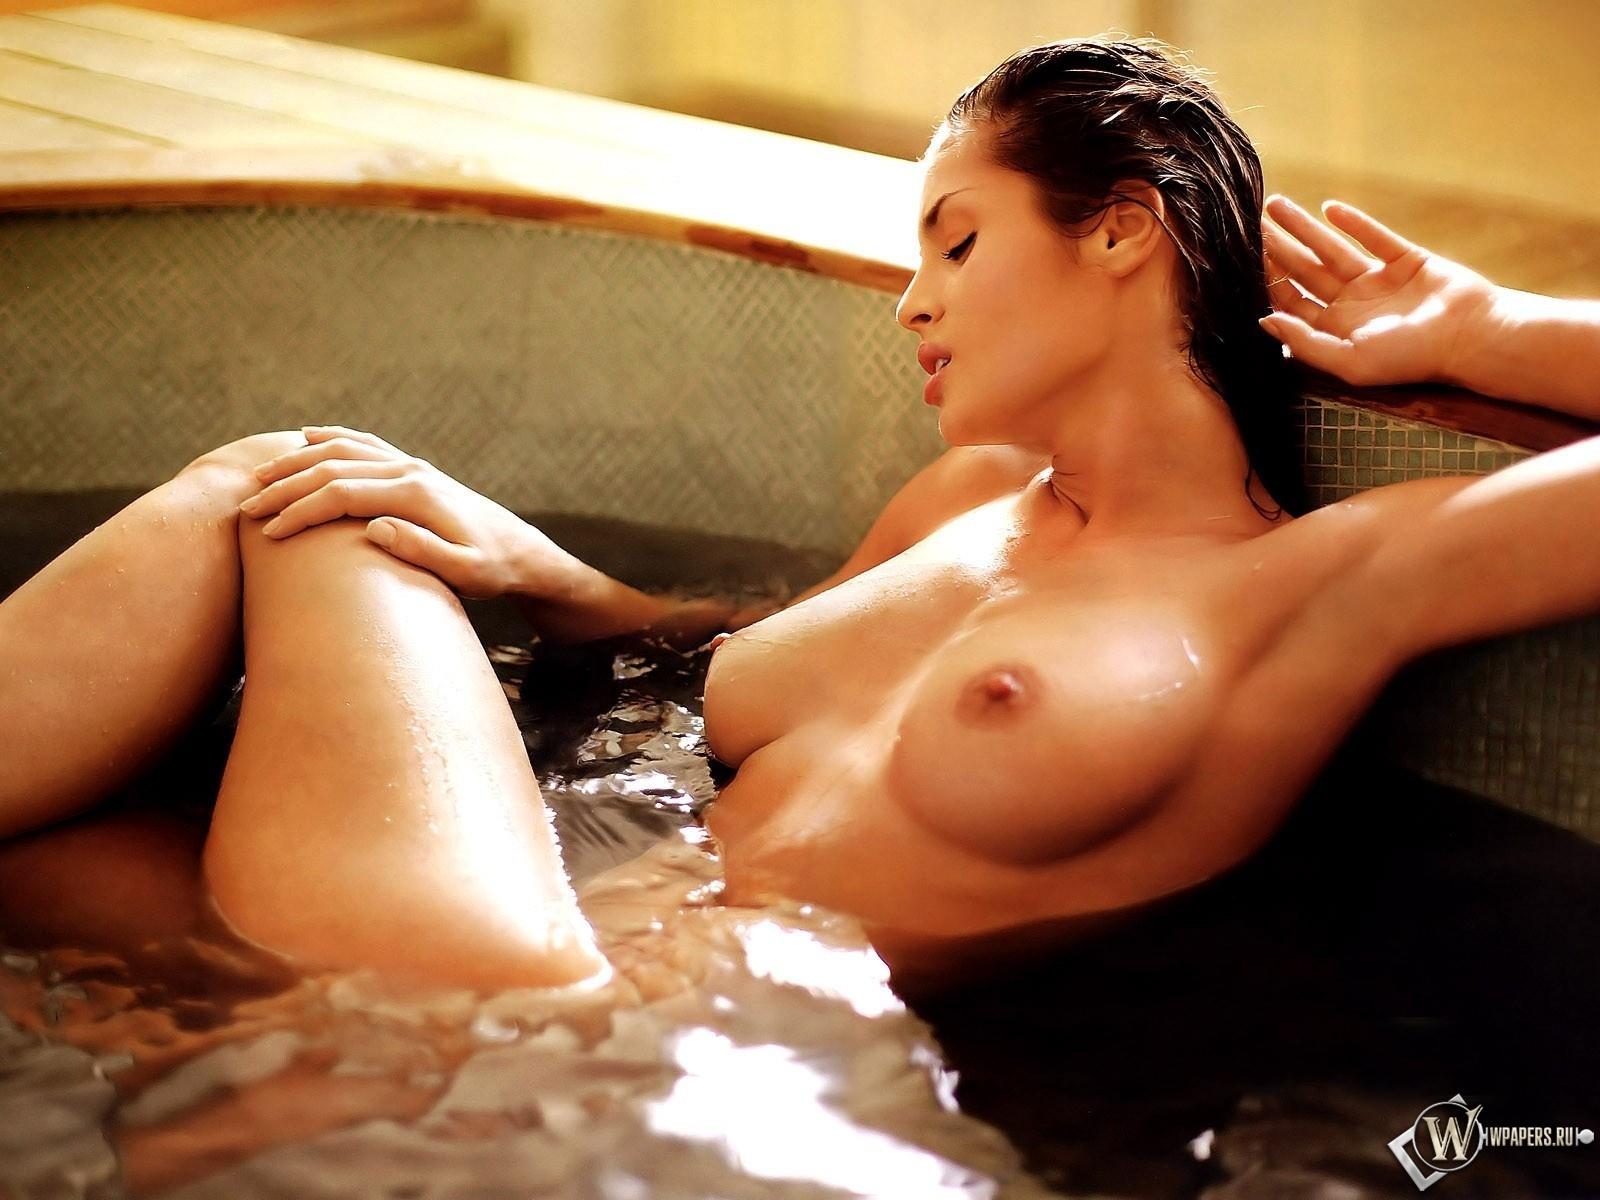 Девушка в ванне 1600x1200